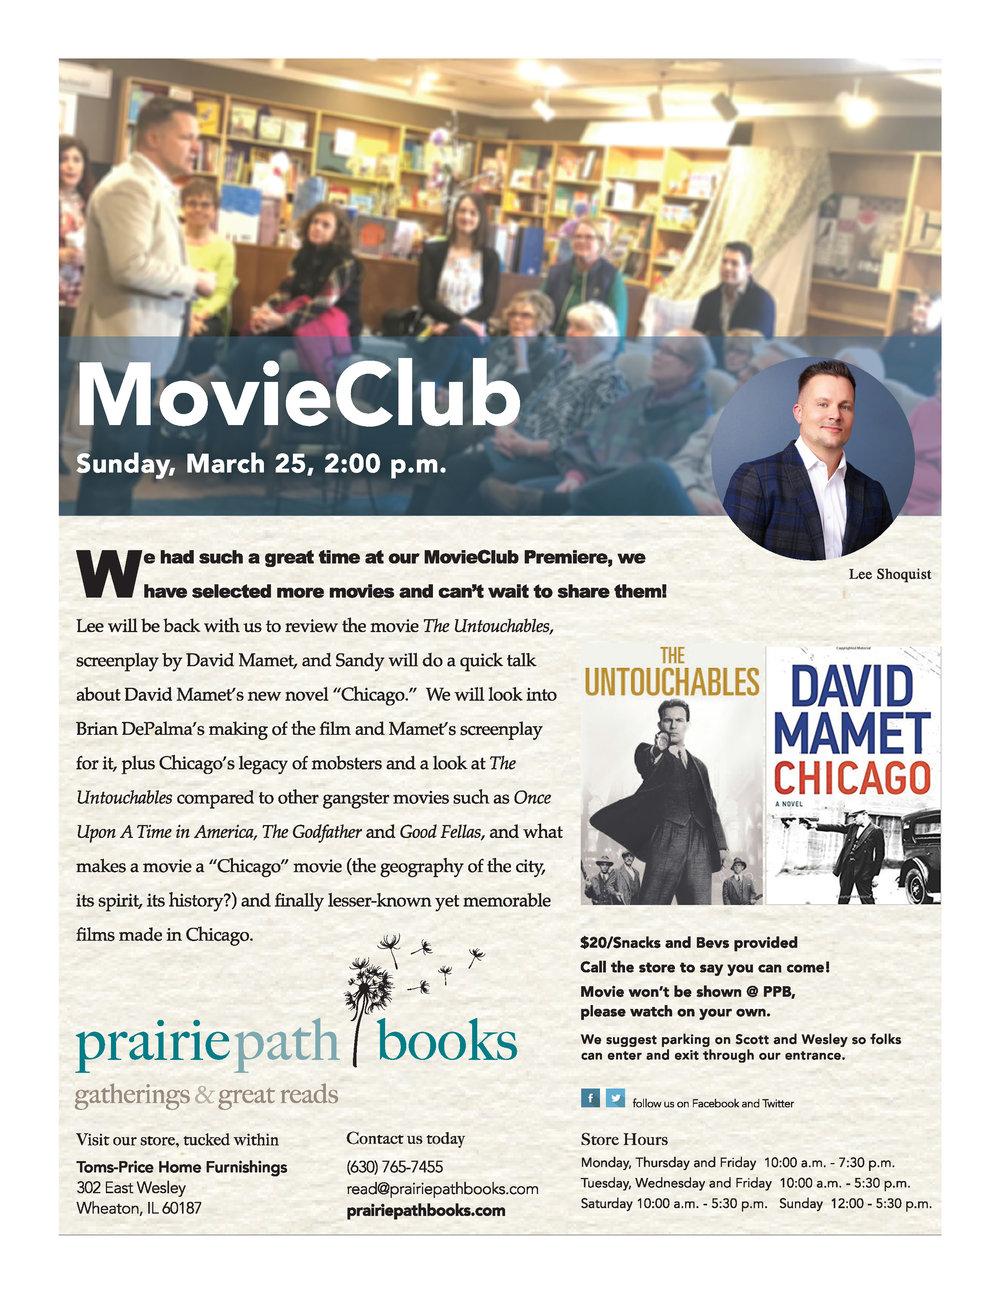 MovieClub_March25.jpg